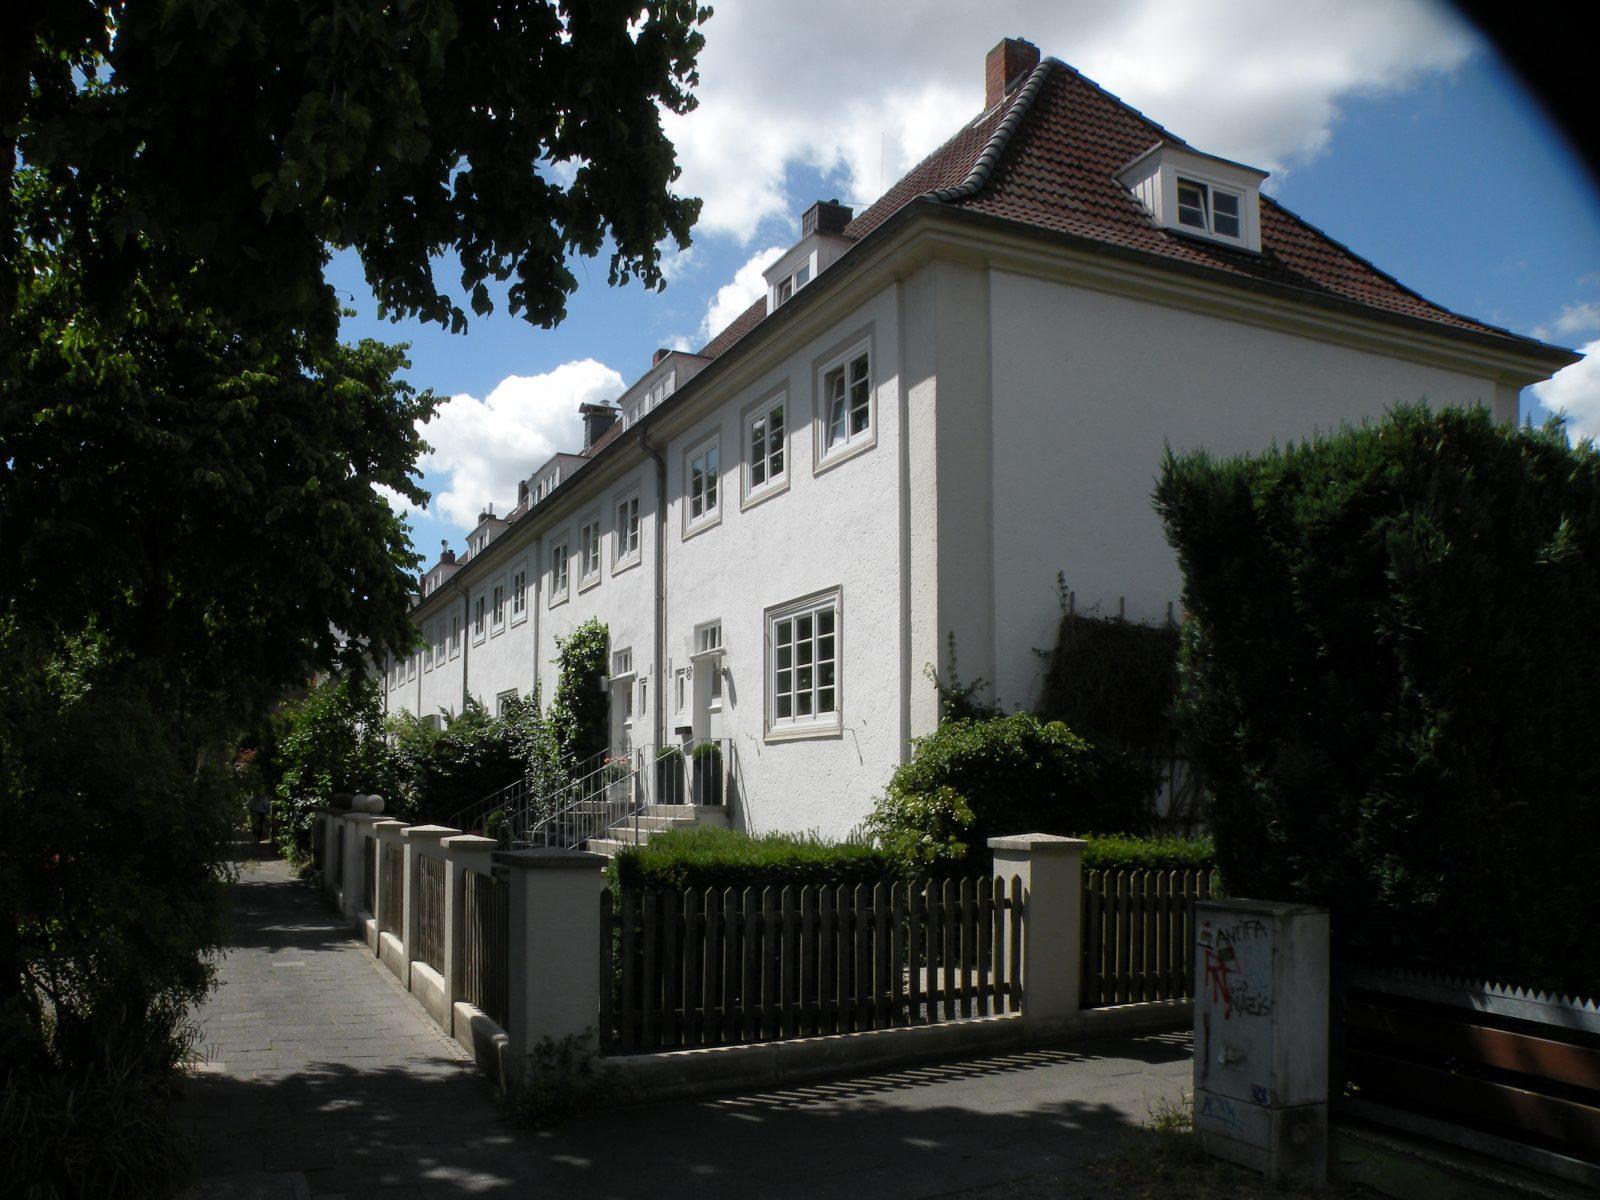 Münster: Wohnsiedlung Kinderhauser Strasse (Architekt: Gustav Wolf, 1924-30) - Foto: Stefan Rethfeld